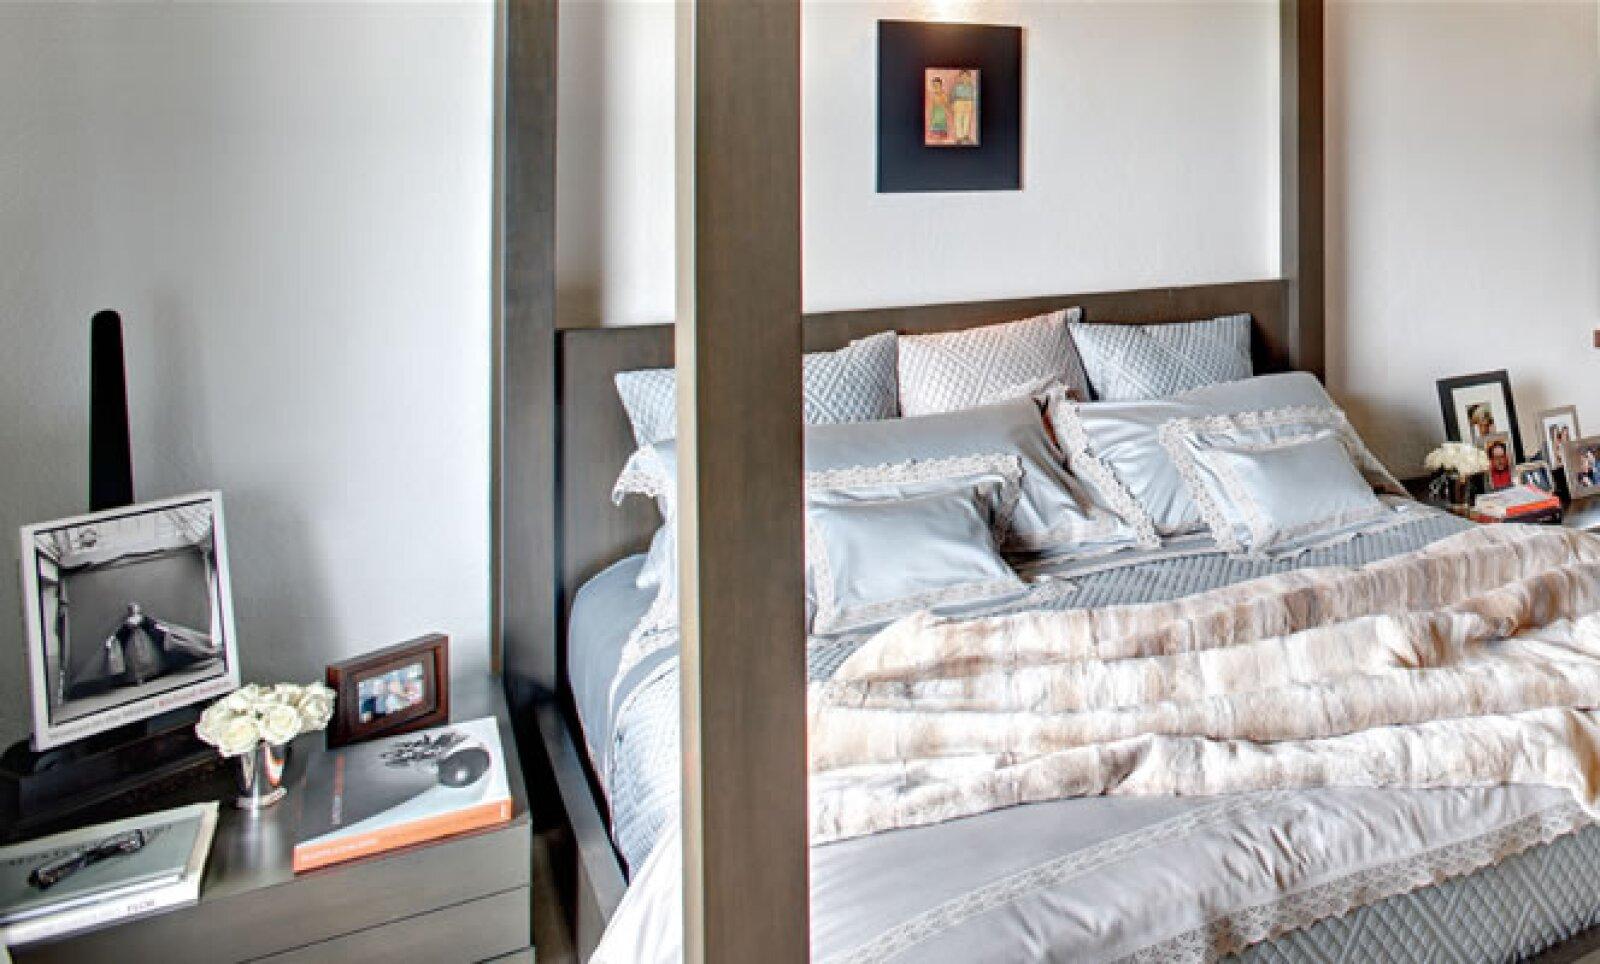 La interiorista, quien trae a México firmas de la talla de Laneventure, prefiere experimentar primero con los textiles y muebles en casa para después llevarlos a su tienda.